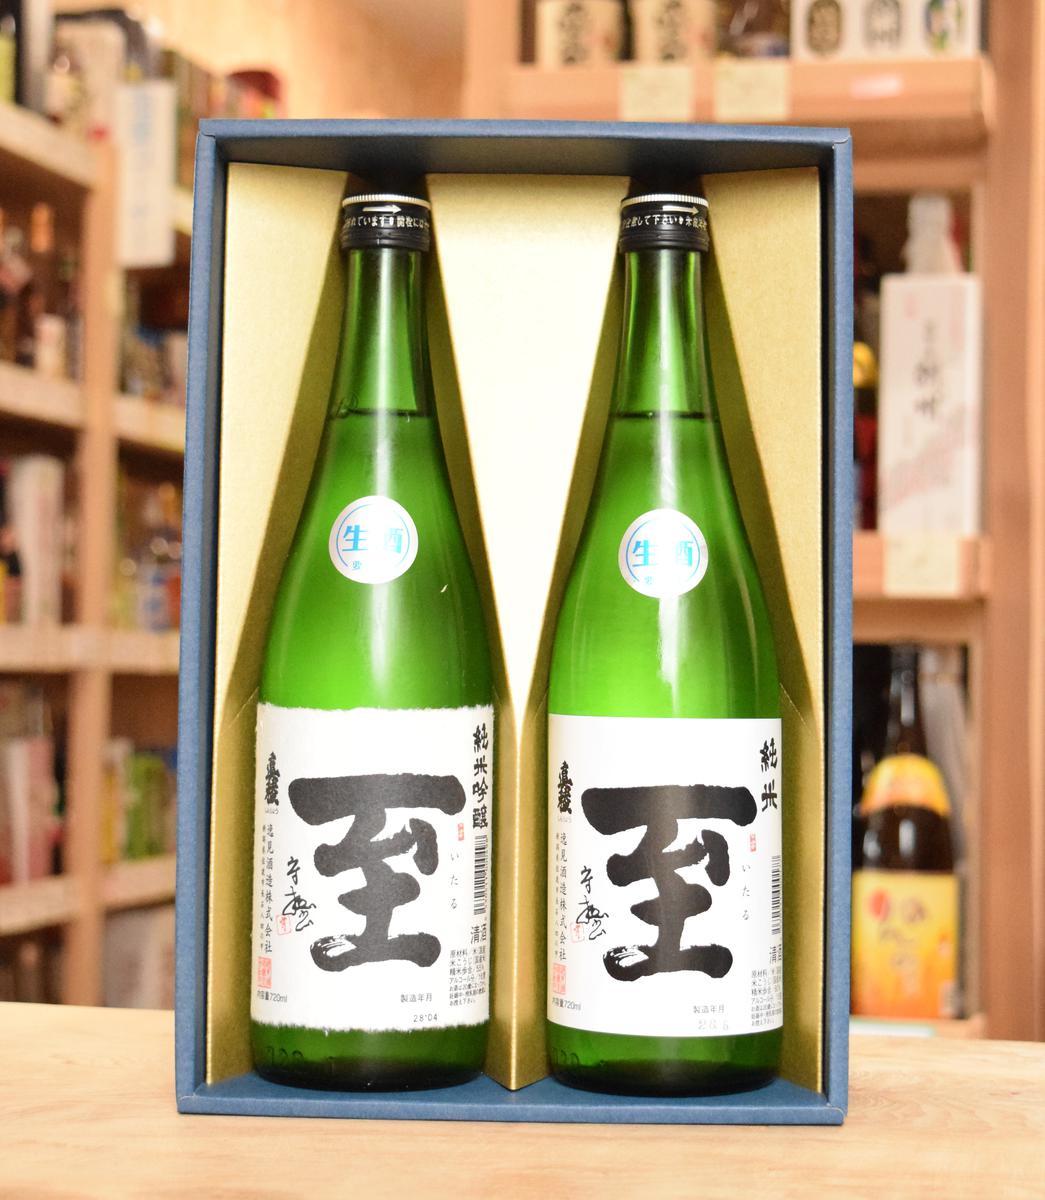 真稜 至 純米吟醸生酒・純米生酒 720mlセット(ギフトボックス入り)